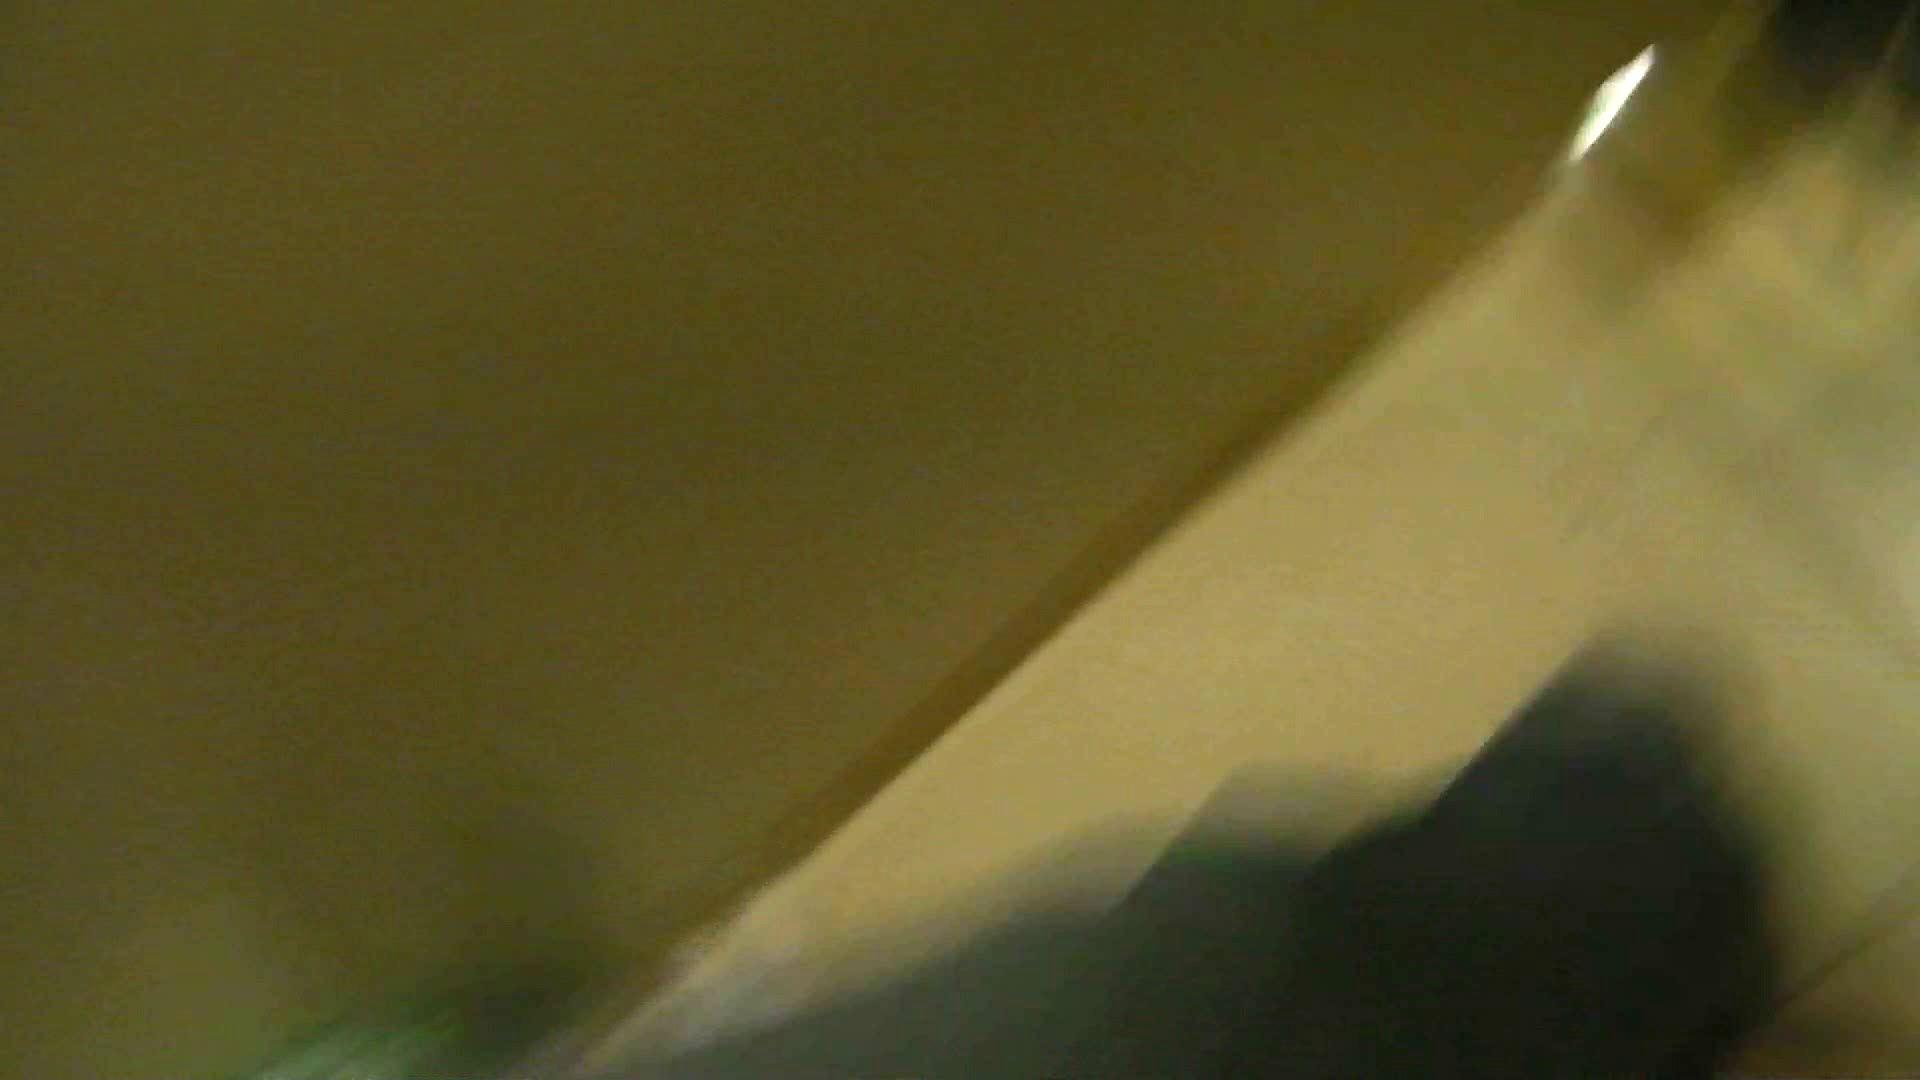 世界の射窓から vol.15 盛合せ オマンコ動画キャプチャ 107枚 68